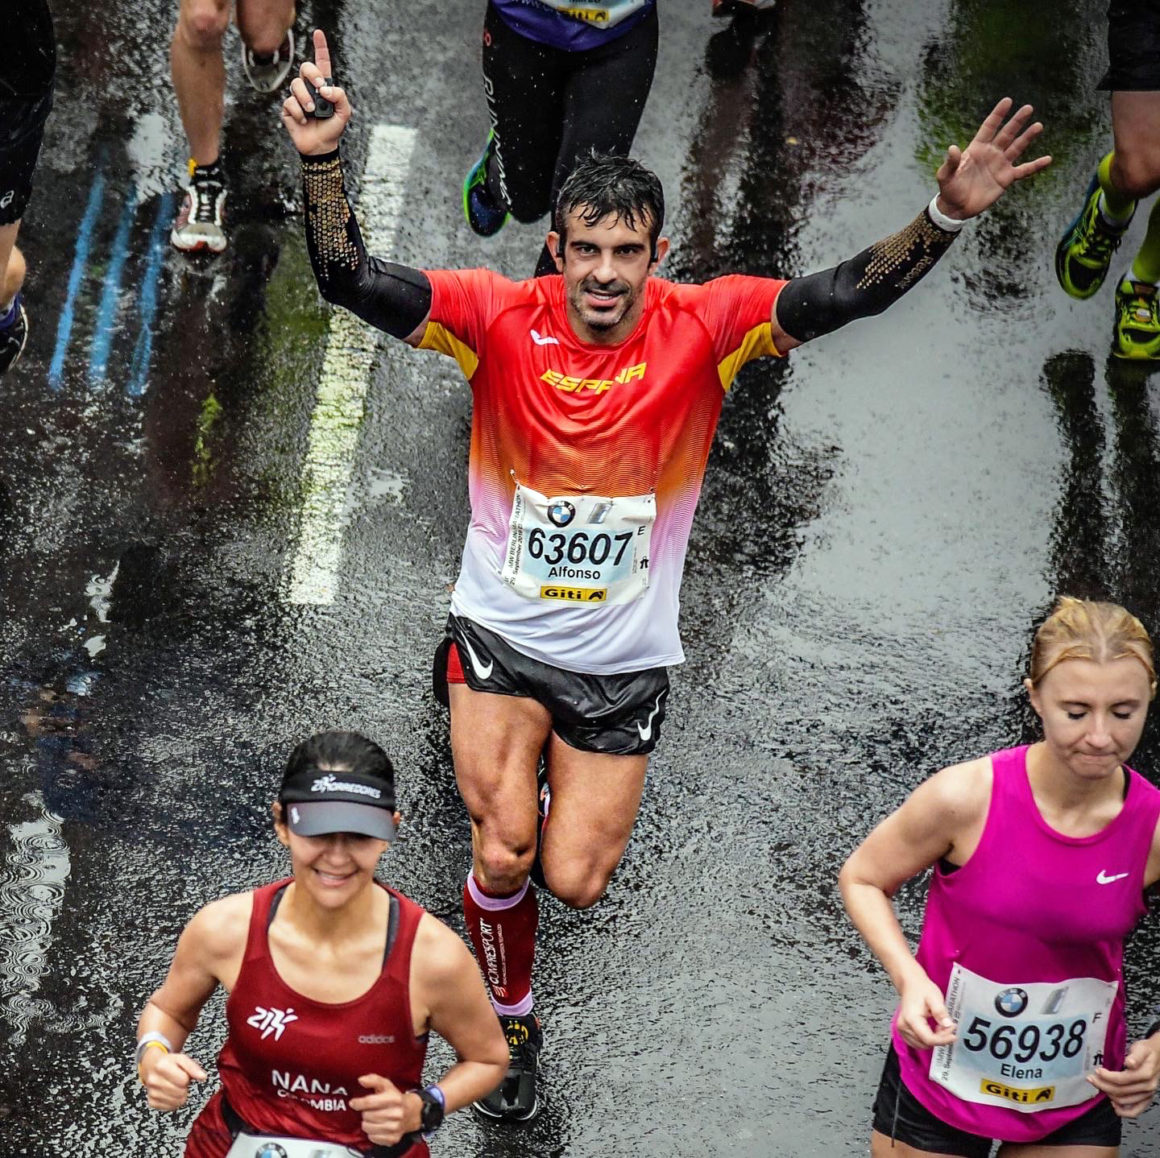 maratón de berlín - correr el marat  n de berl  n berlin marathon course record thewotme sorteo 2 1160x1158 - Correr el Maratón de Berlín: Análisis, recorrido, entrenamiento e inscripciones